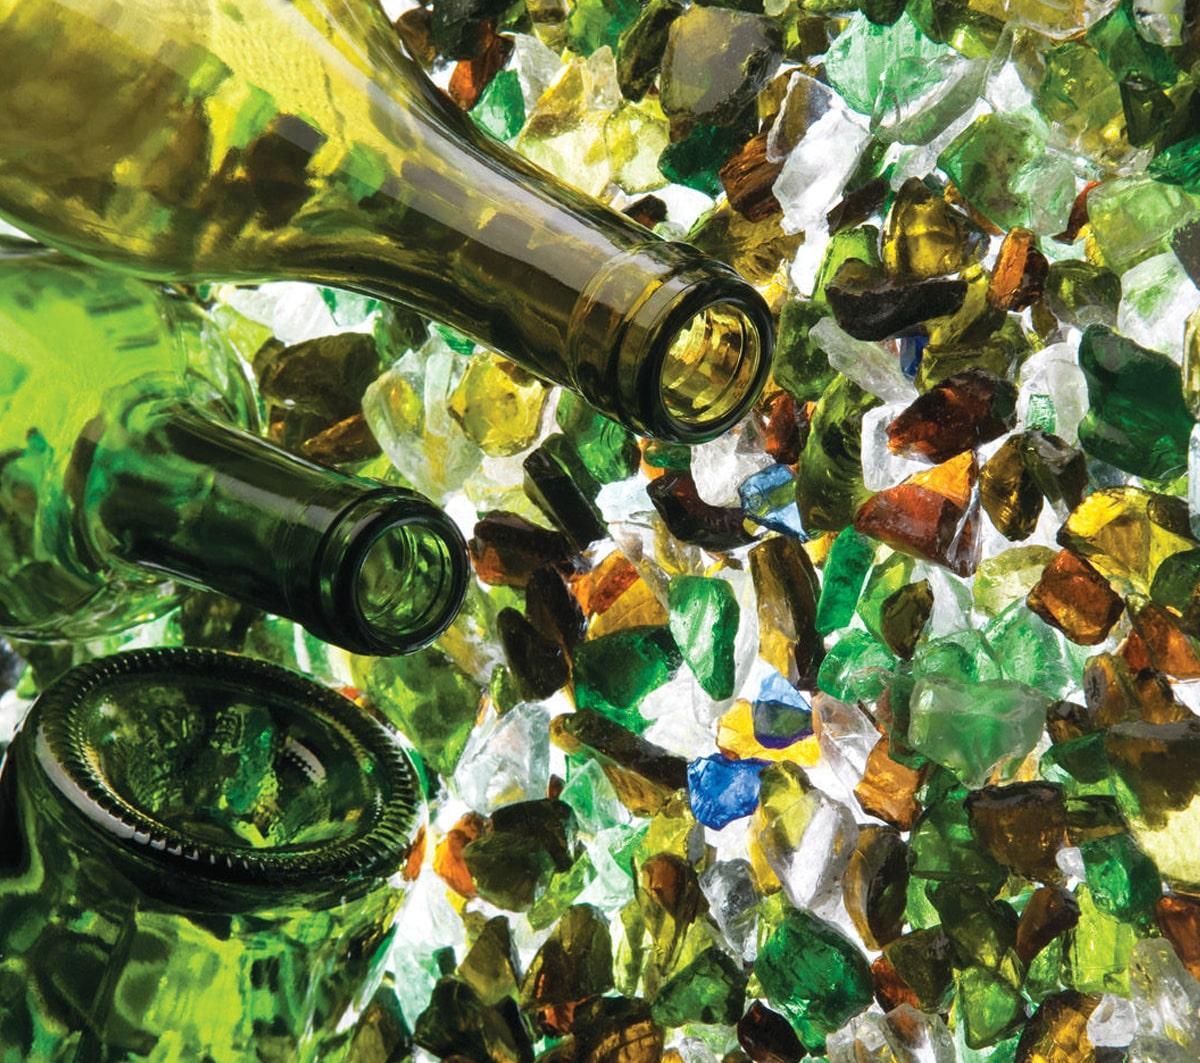 botellasrecicladas-min